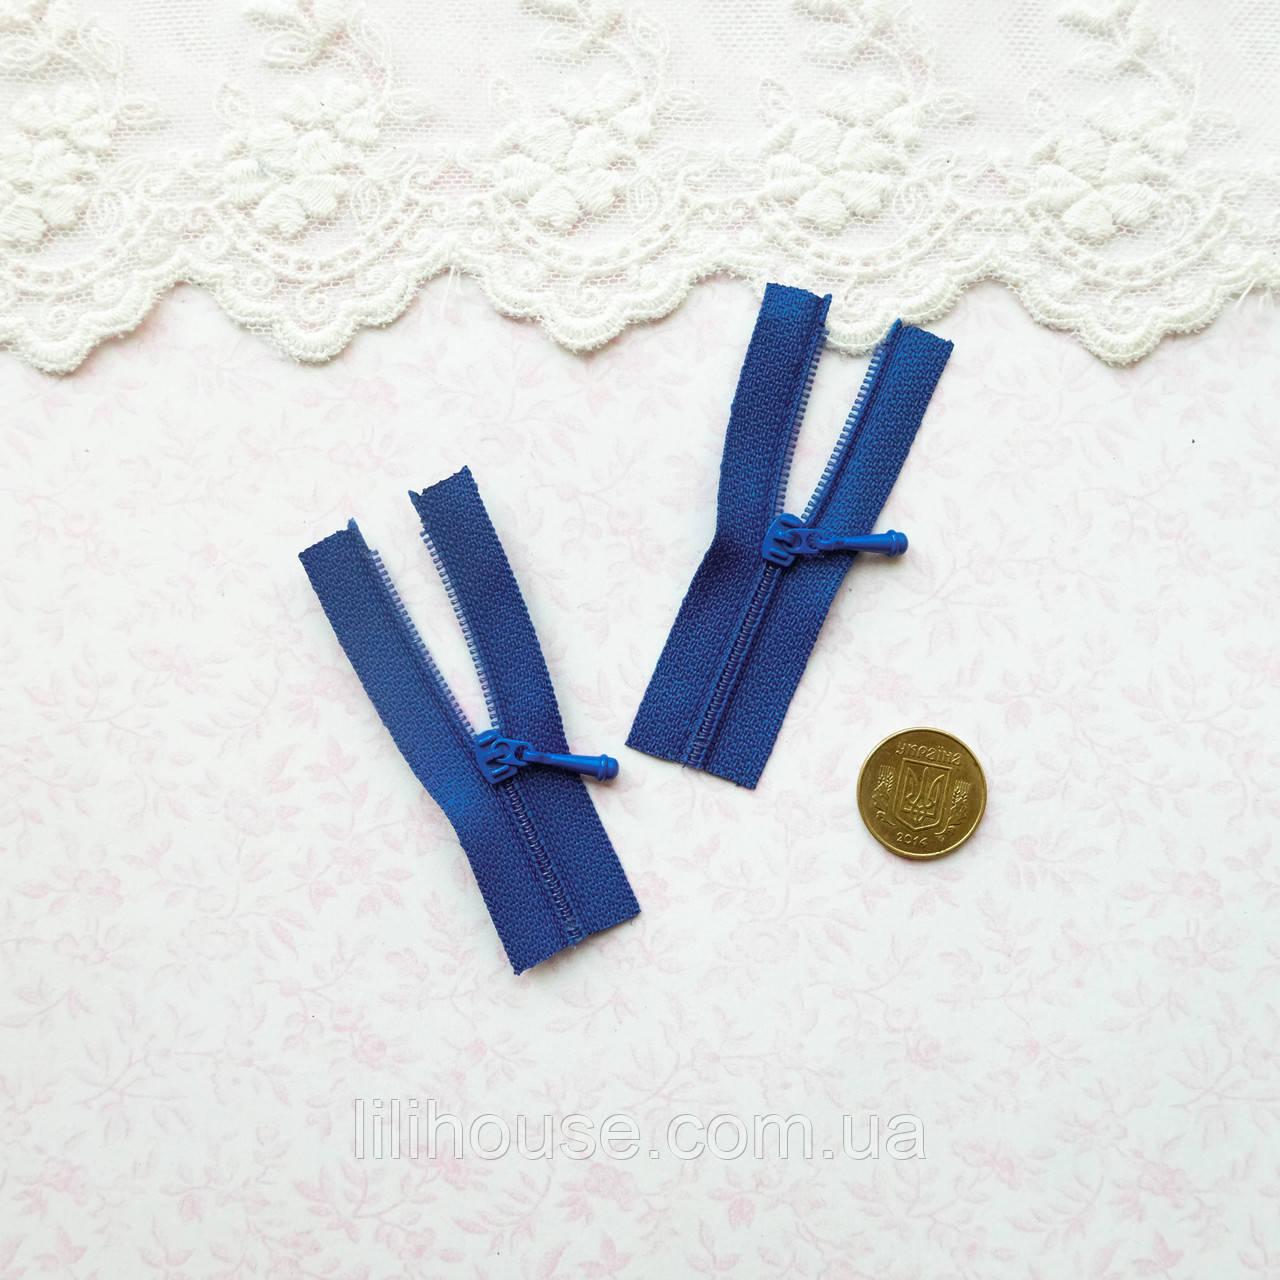 Молния микро для кукольной одежды, рюкзаков, сумок и обуви, 5 см - синий электрик